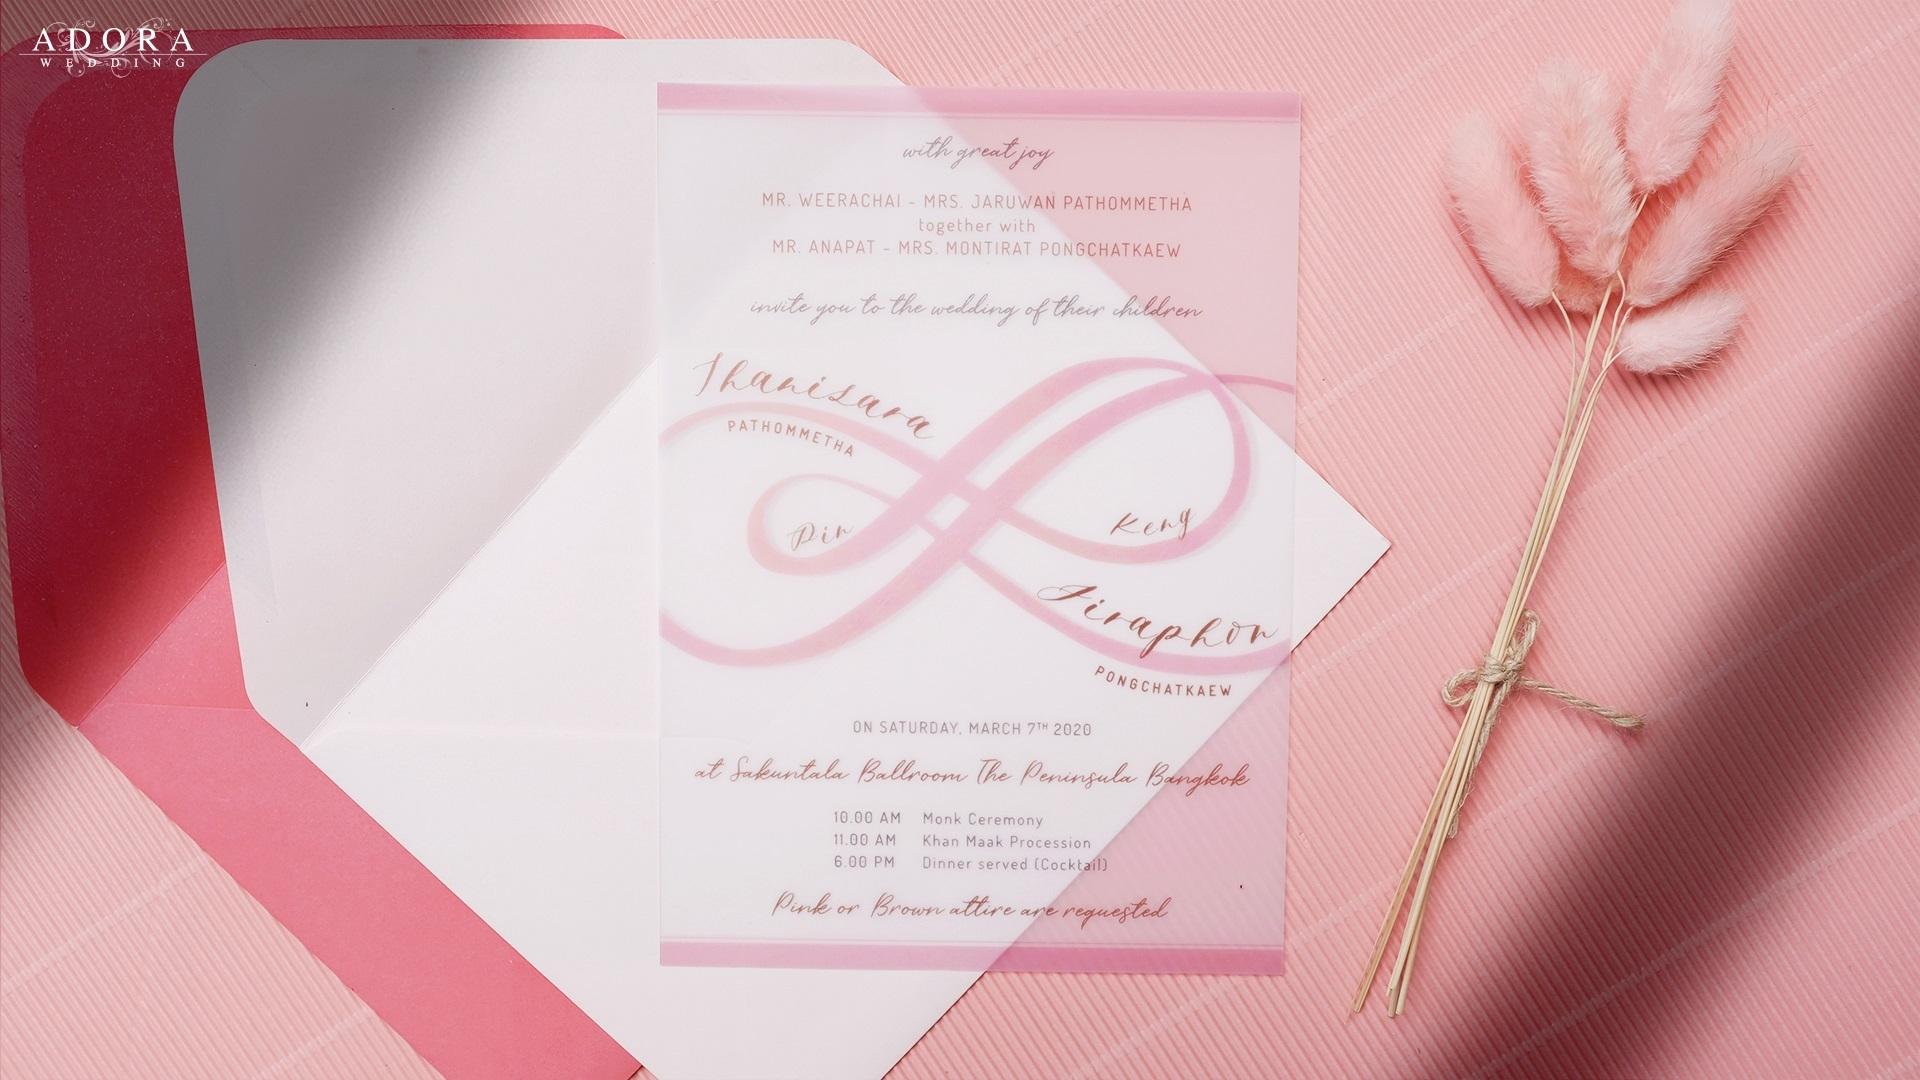 B087LM-wedding-card-1